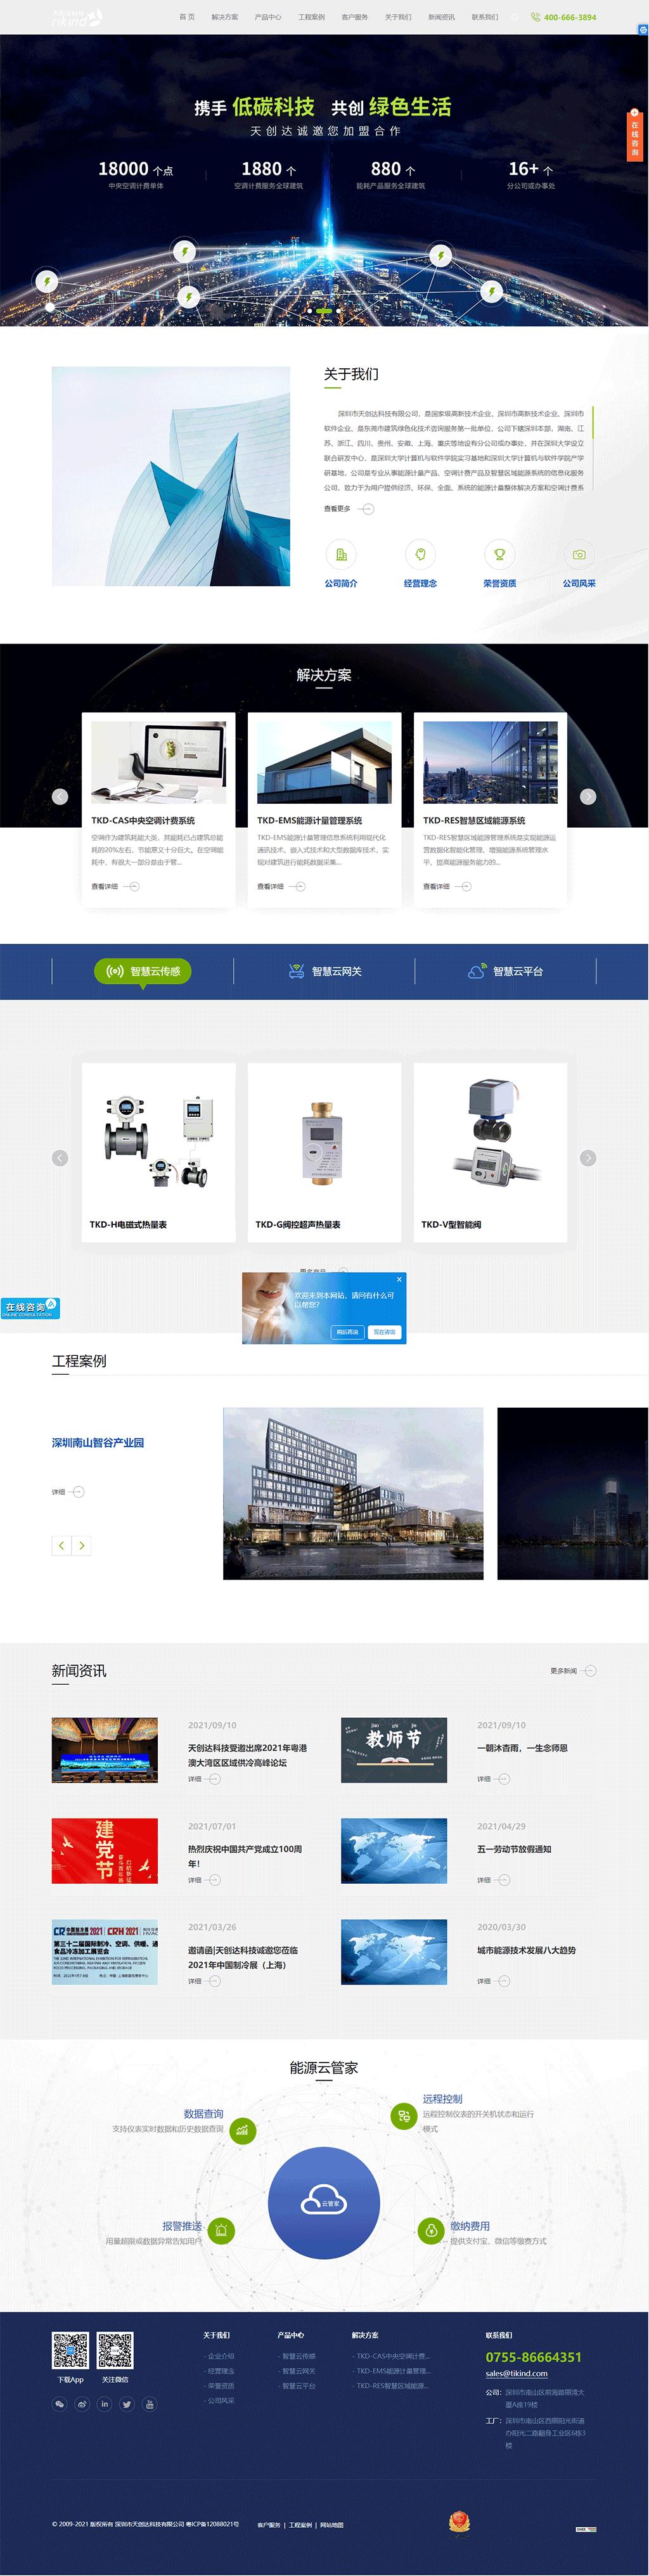 科技公司网站建设